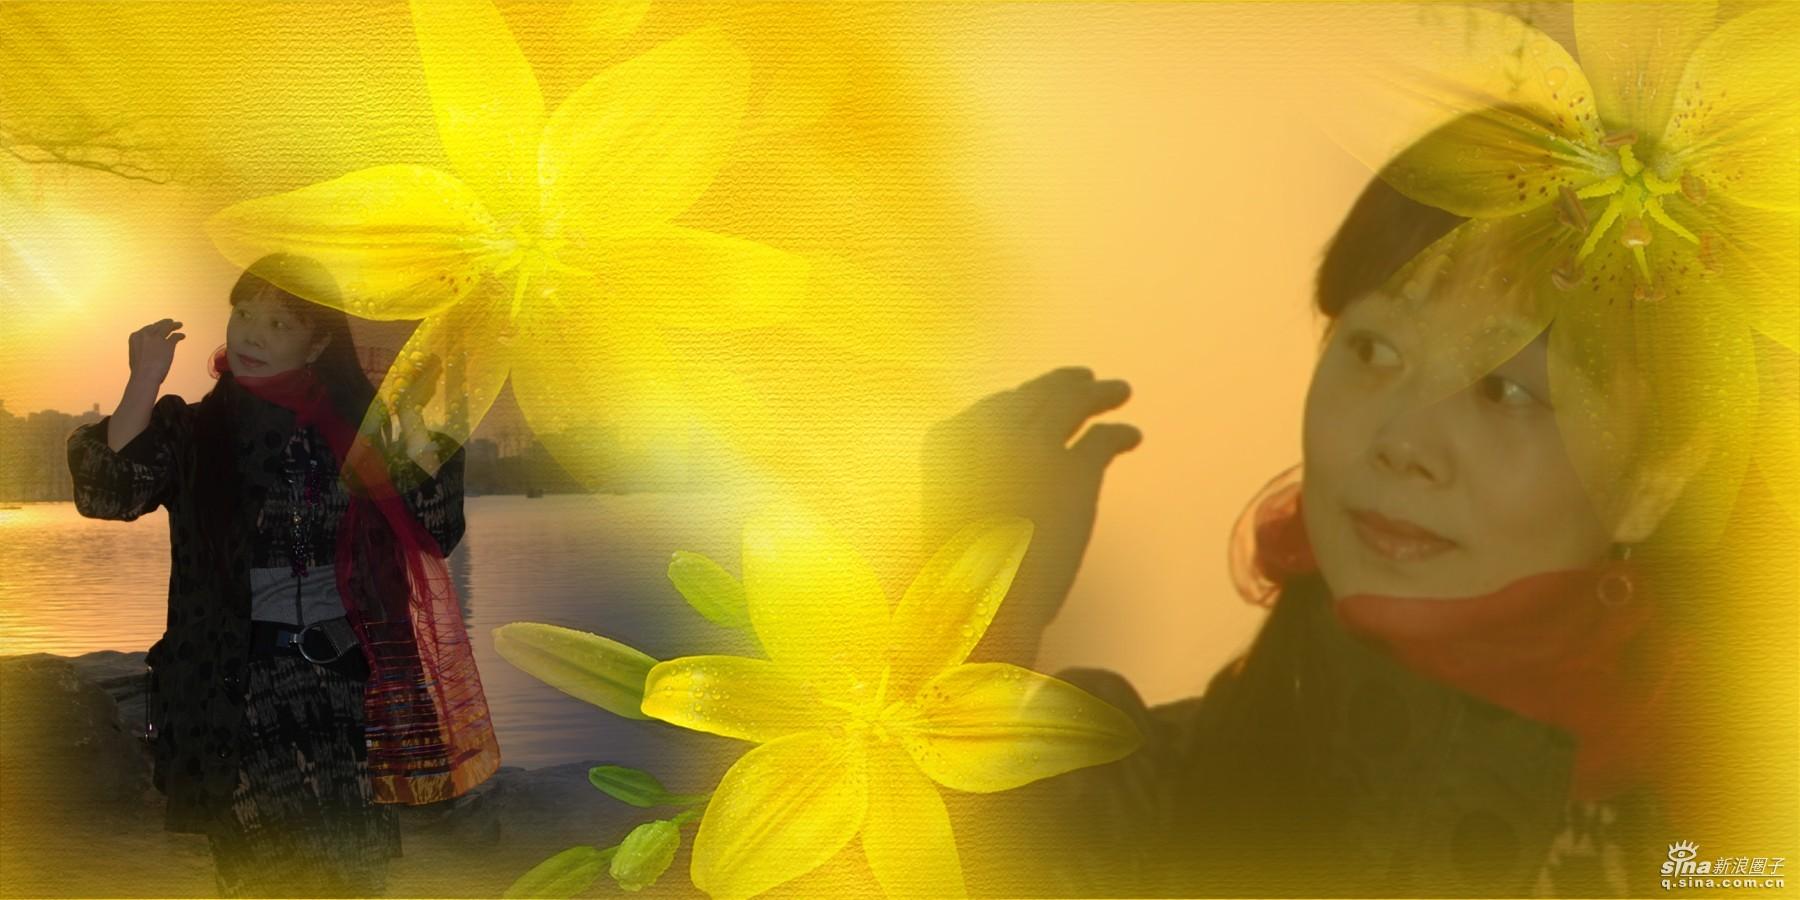 雨忆兰萍词 【南歌子】  初识玉渊潭 - 雨忆兰萍 - 网易雨忆兰萍的博客